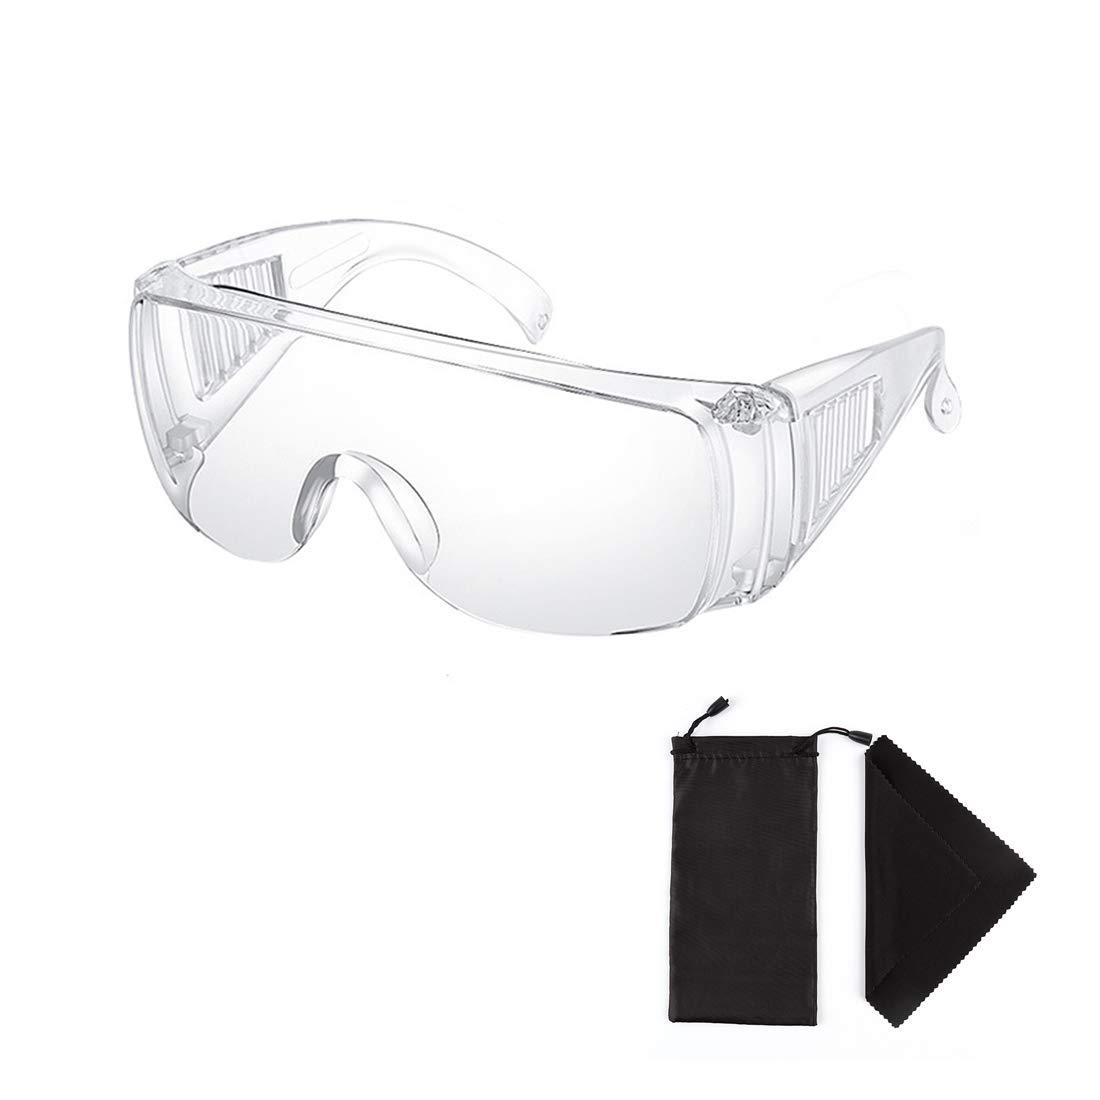 Claro Seguridad Lentes Personal Protector Equipo Transparente Adulto Encima Los anteojos Gafas de protección por Construcción, Laboratorio, Clase de quimica, con Lentes Bolso